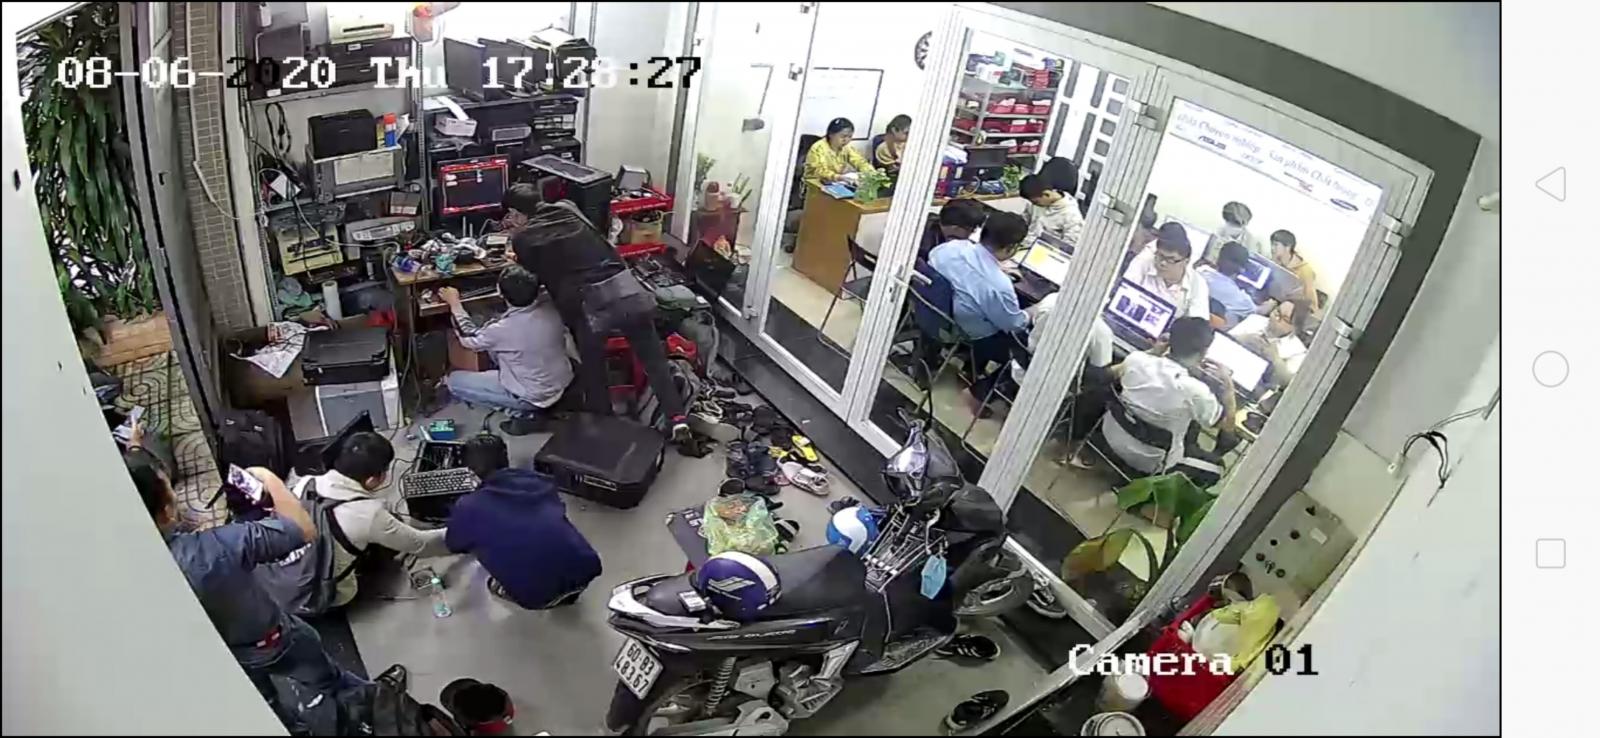 Công Ty Dịch Vụ Bảo Trì Máy Tính Tận Nơi Quận Tân Phú Uy Tín Nhanh